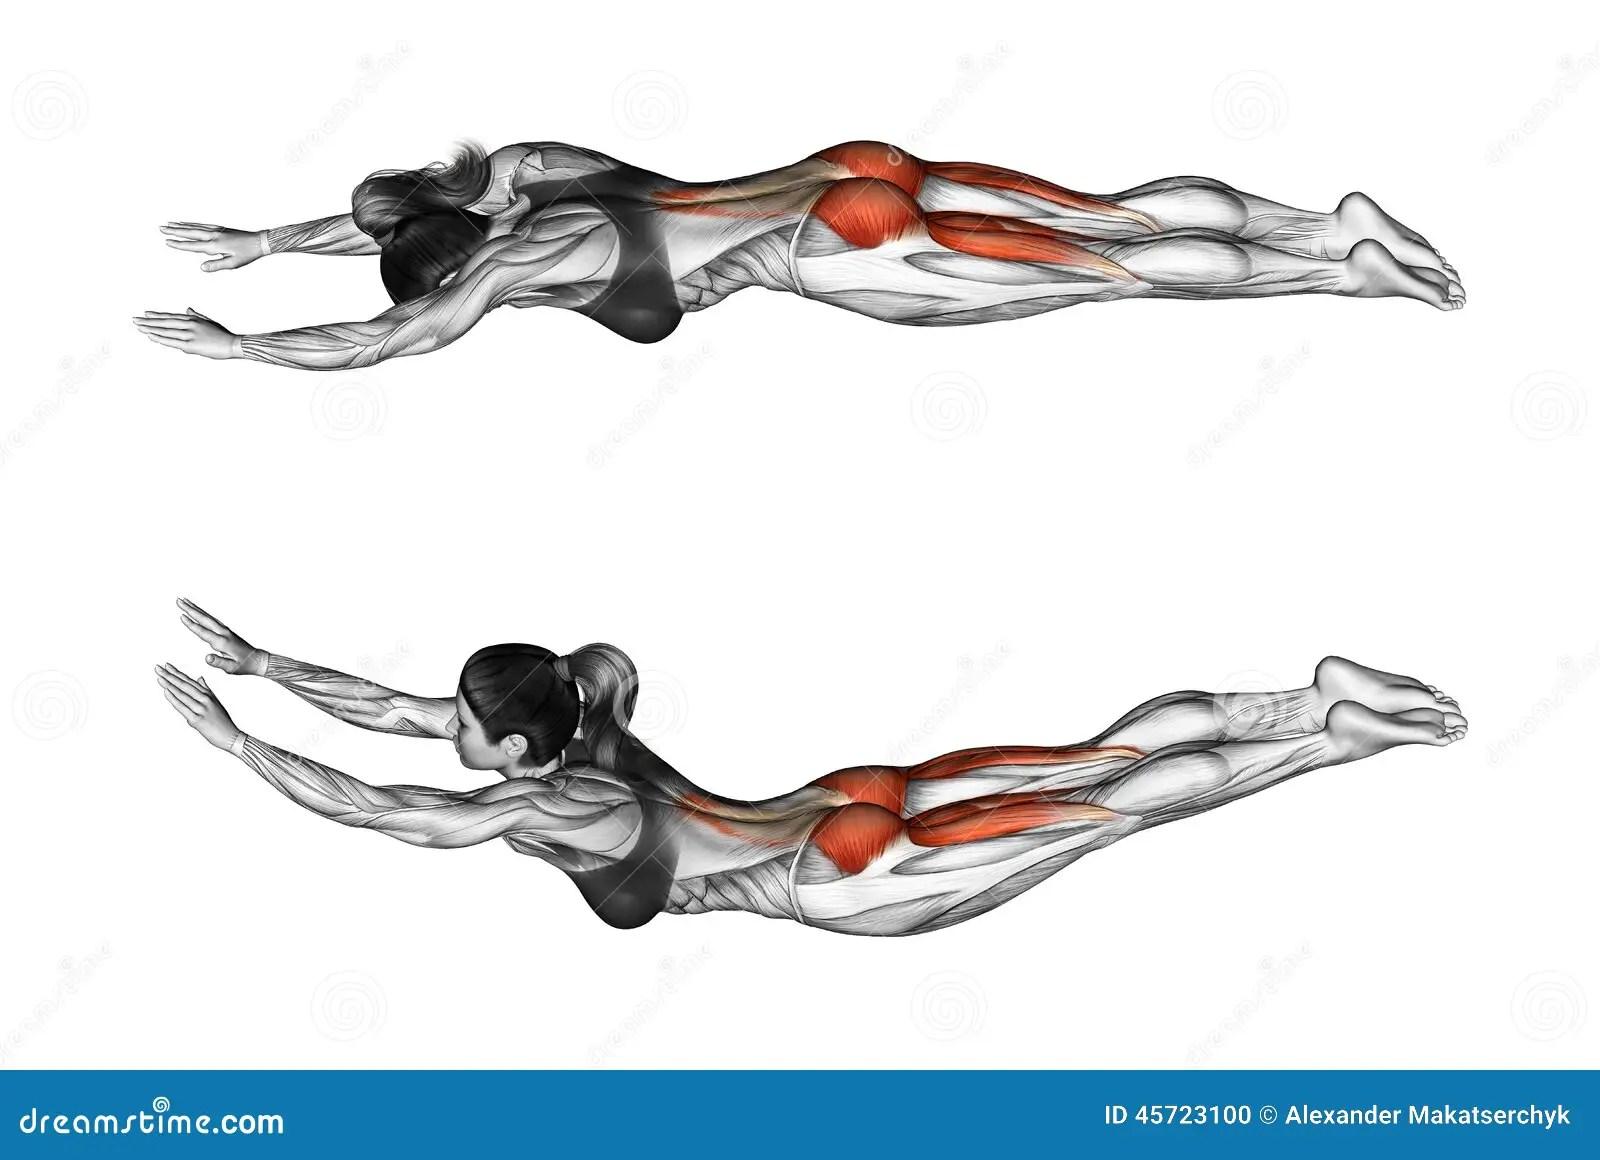 Exercice De Forme Physique L Exercice Aiment Le Surhomme